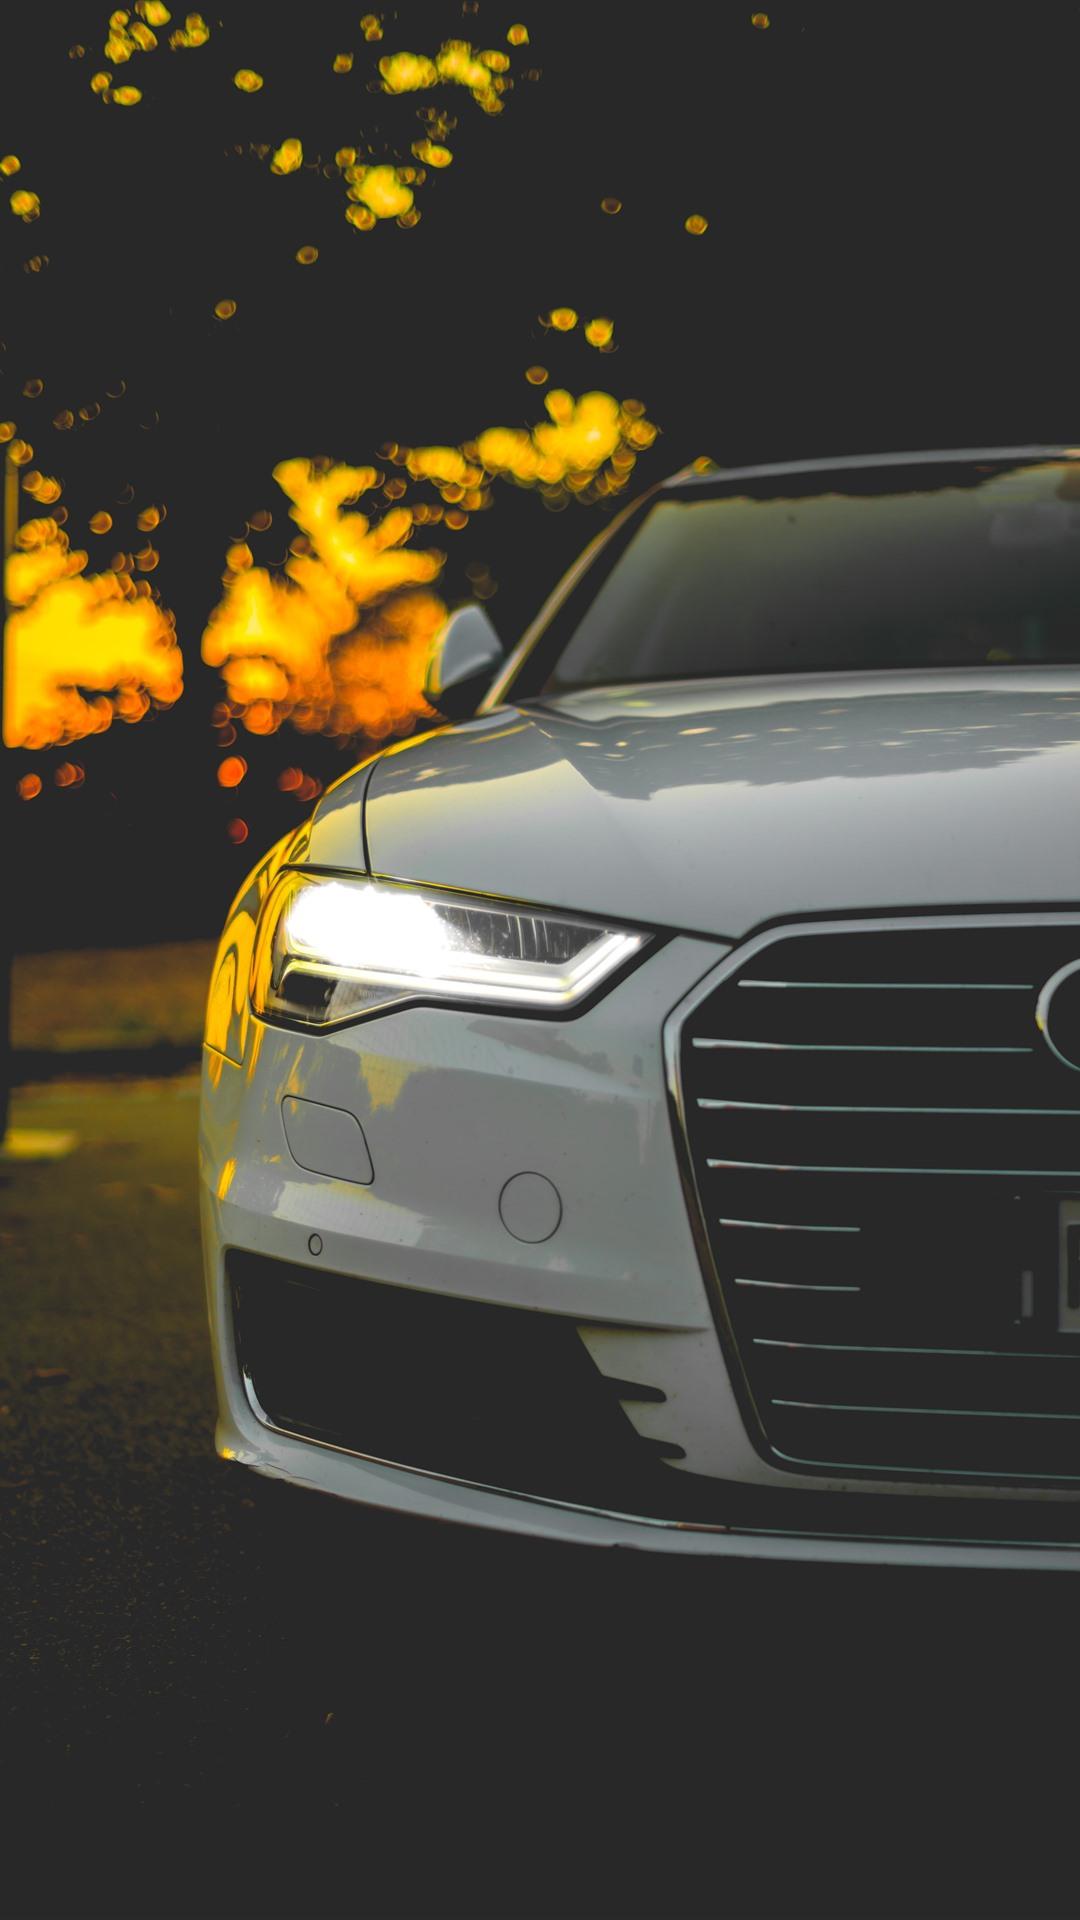 壁纸 奥迪白色汽车正面图,车灯 3840x2160 Uhd 4k 高清壁纸 图片 照片